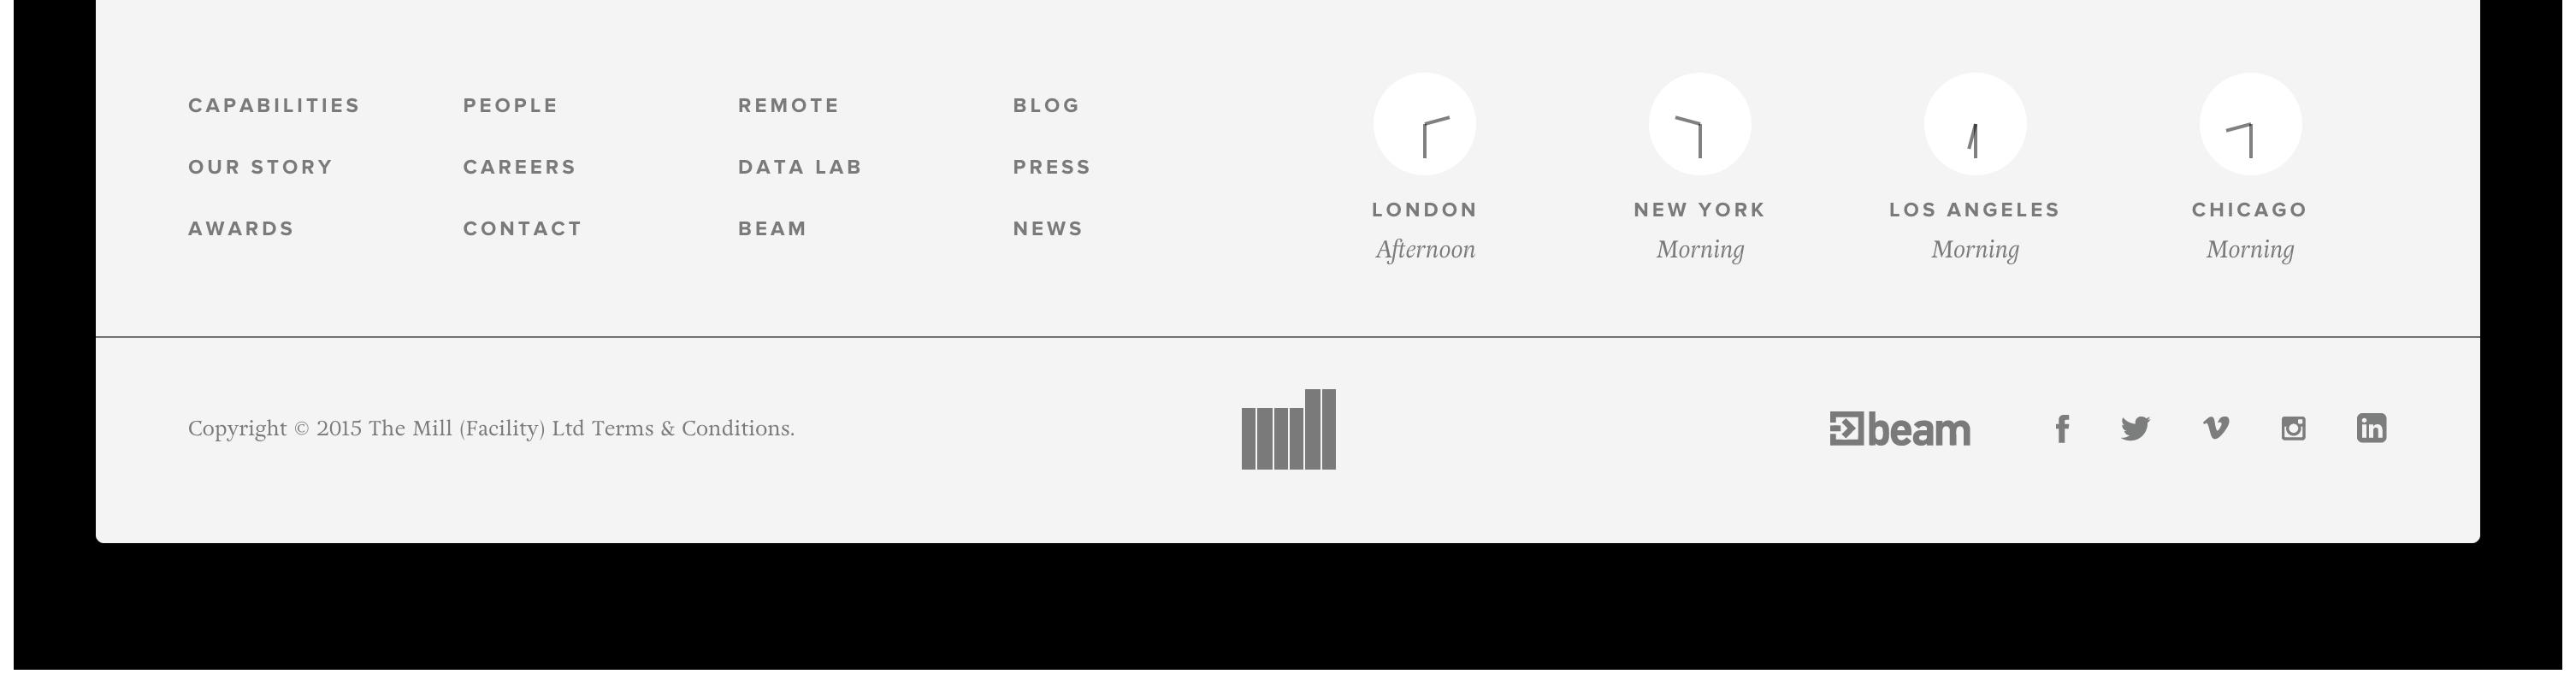 50 Blog Footer Design Examples Footer Design Website Footer Design